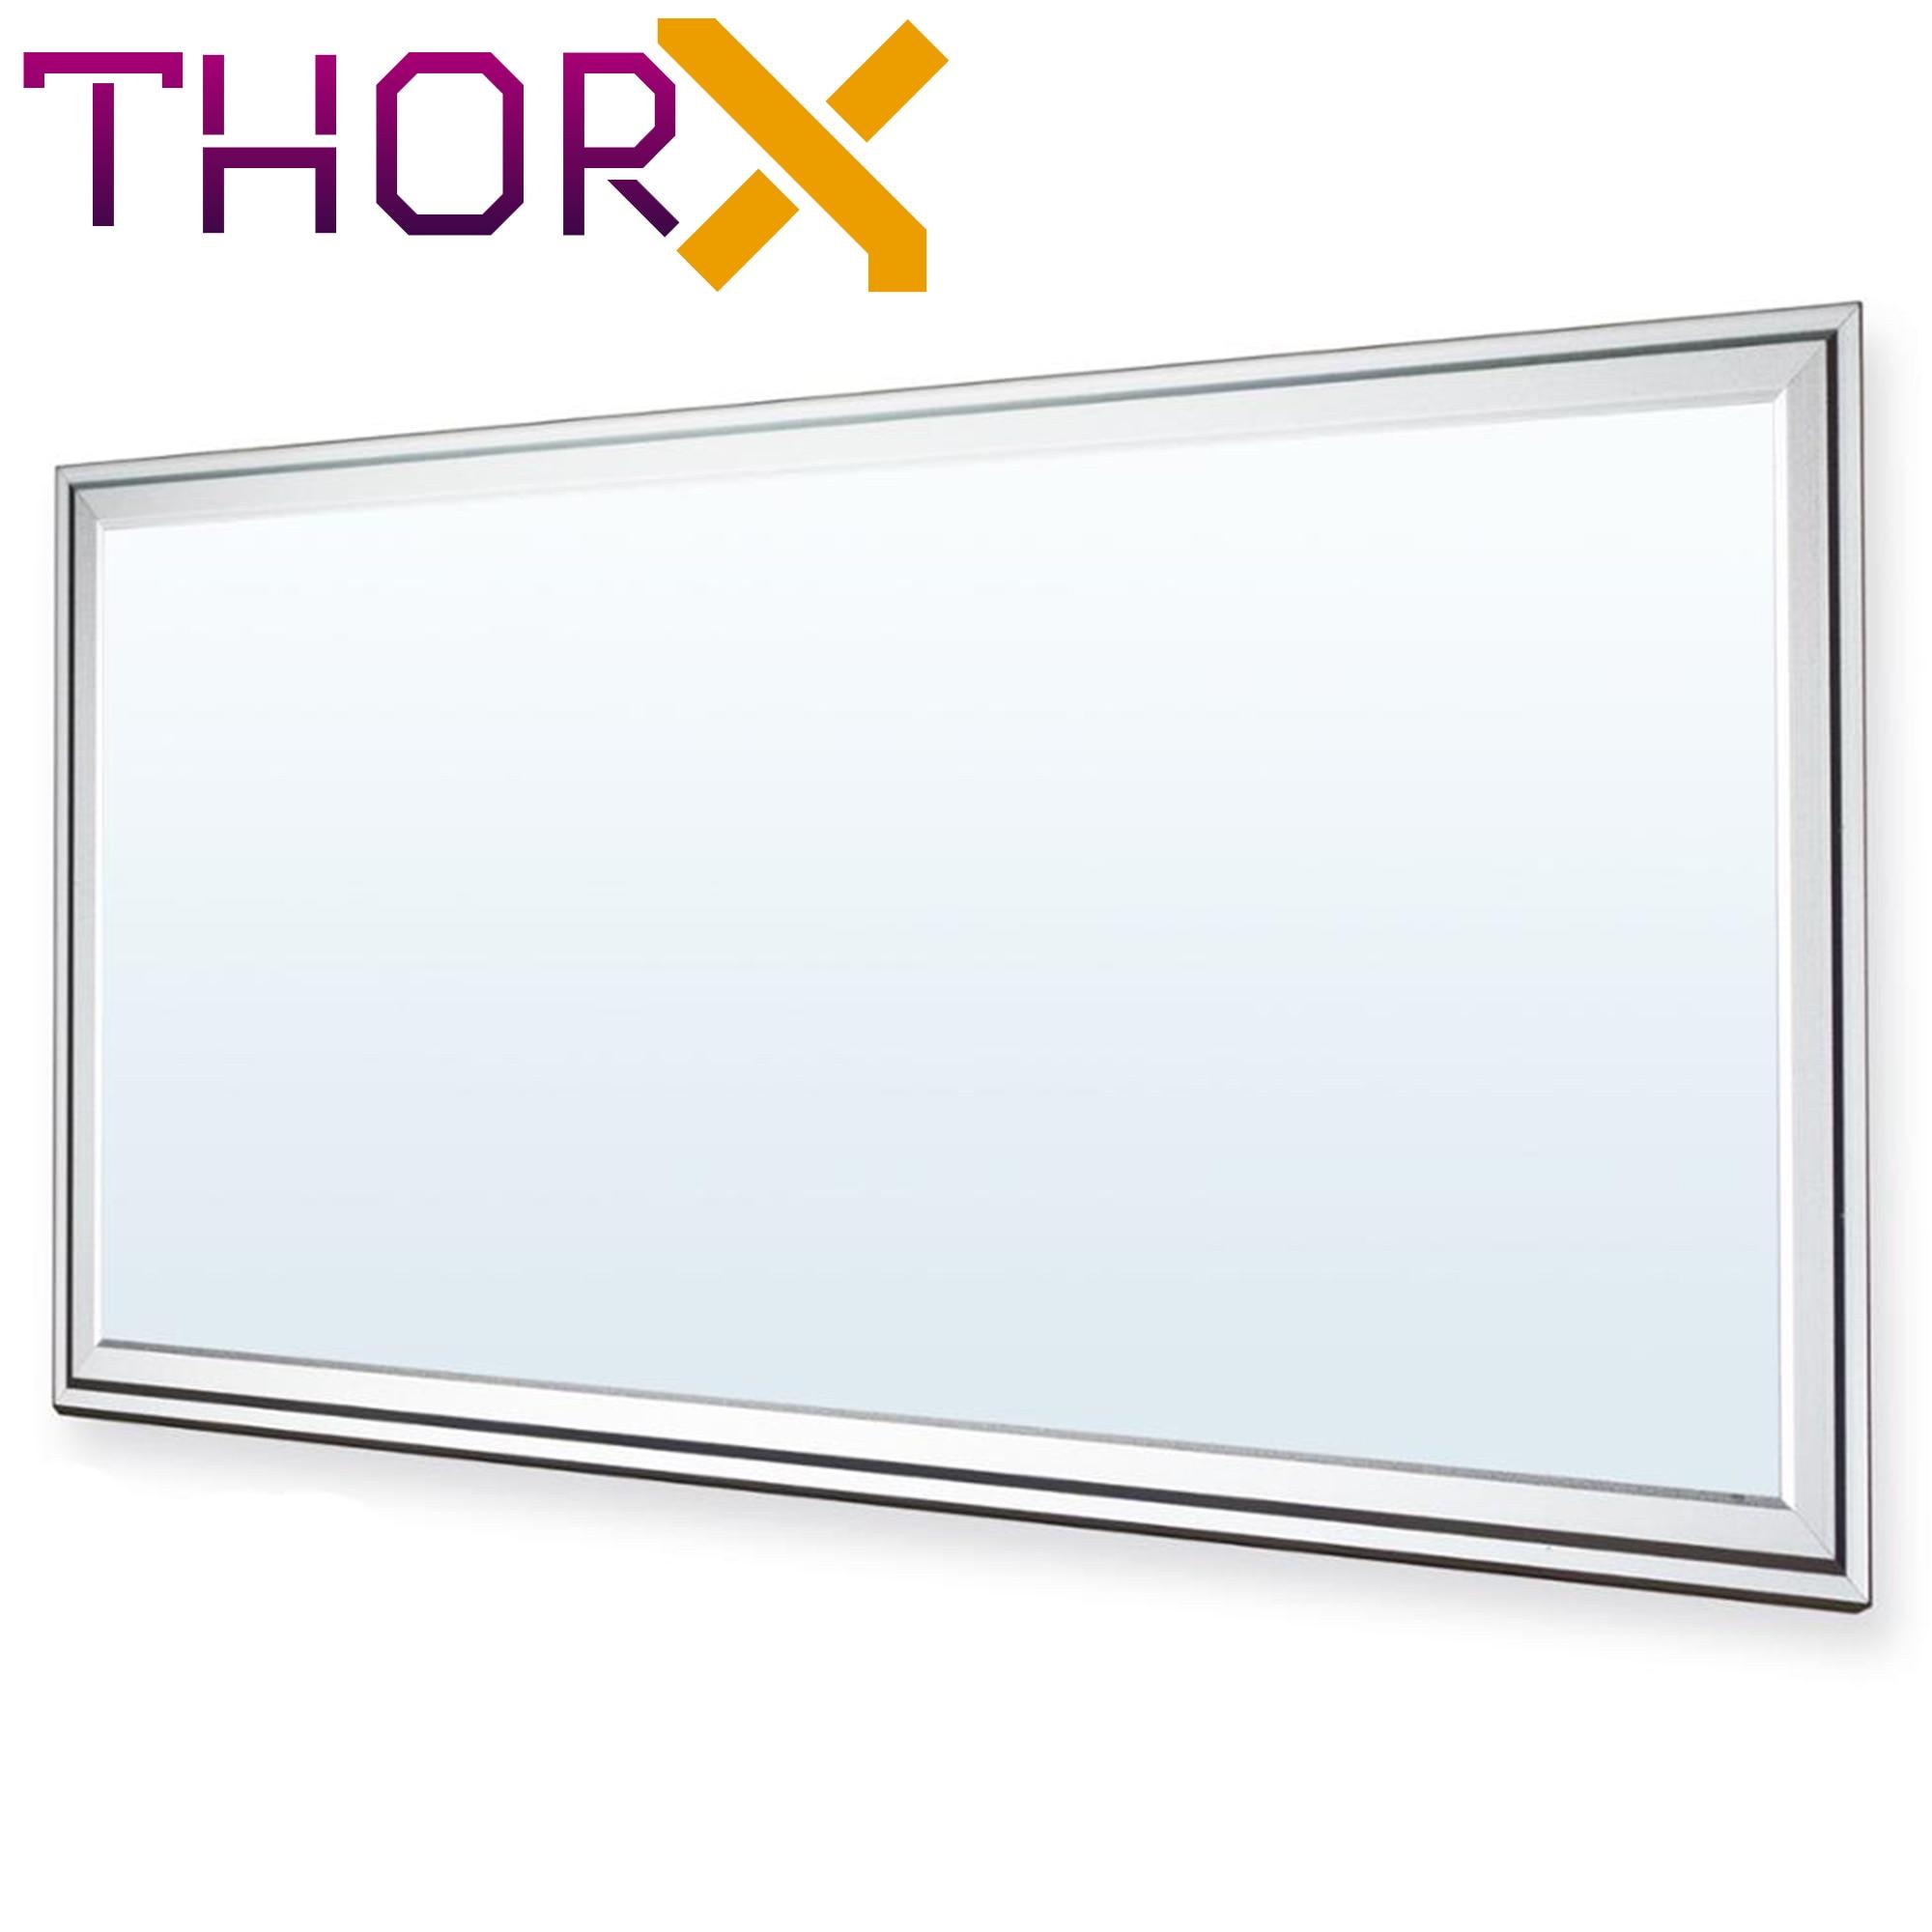 ThorX 60x30 см Ultraslim светодиодный светильник 20 Вт, 1600Lm потолочный светильник светодиодный драйвер 100-240 В Холодный/теплый/нейтральный Япония Корея Быстрая доставка